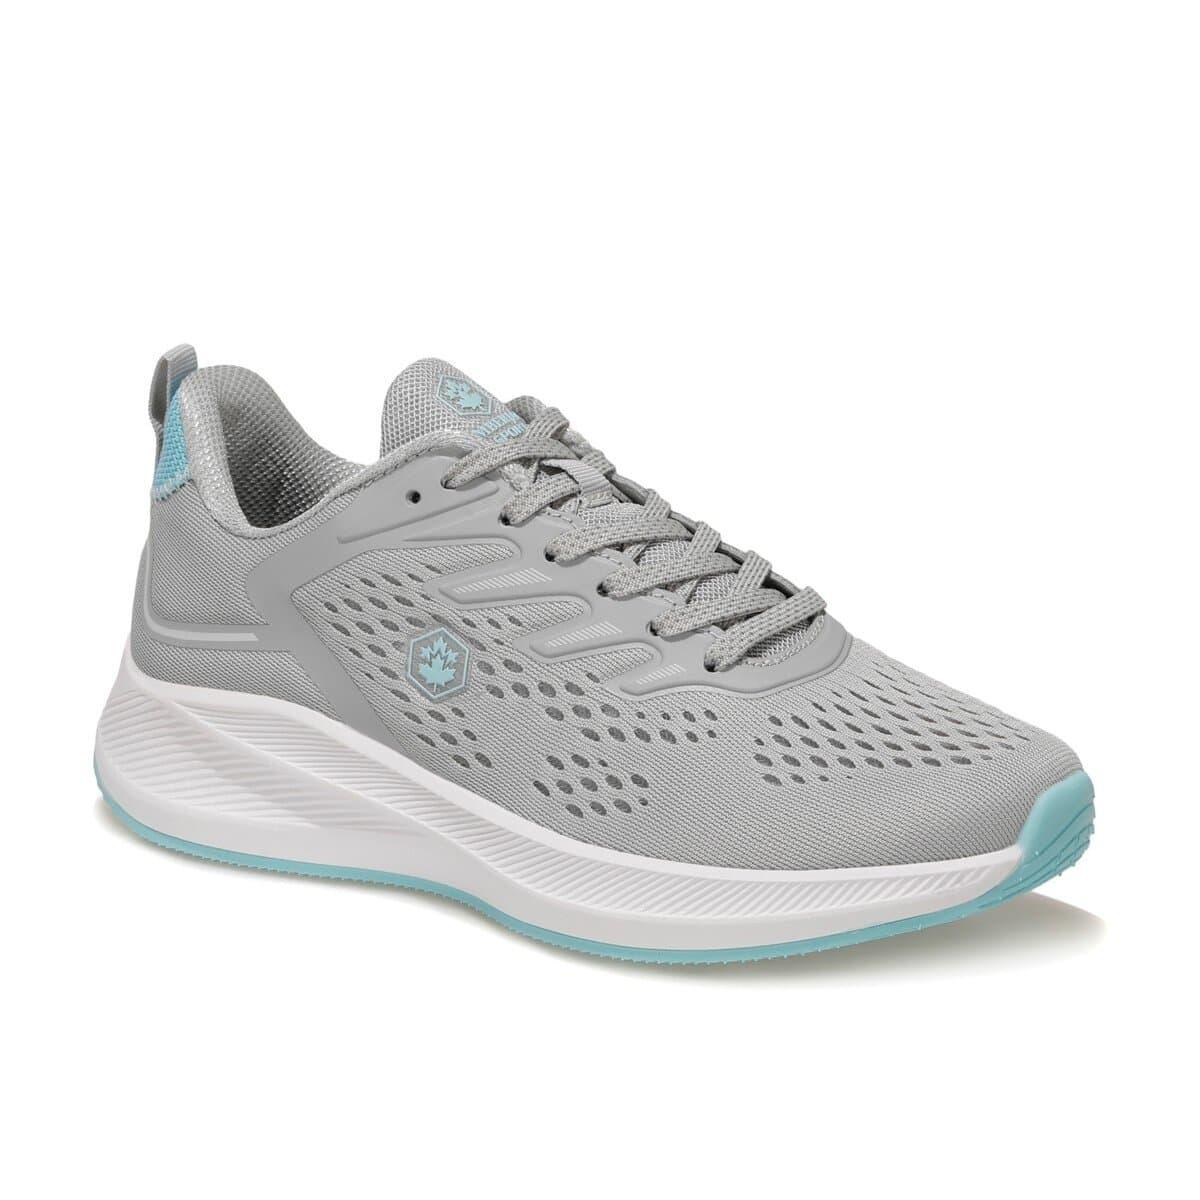 Hundert Kadın Gri Koşu Ayakkabısı (100601517)